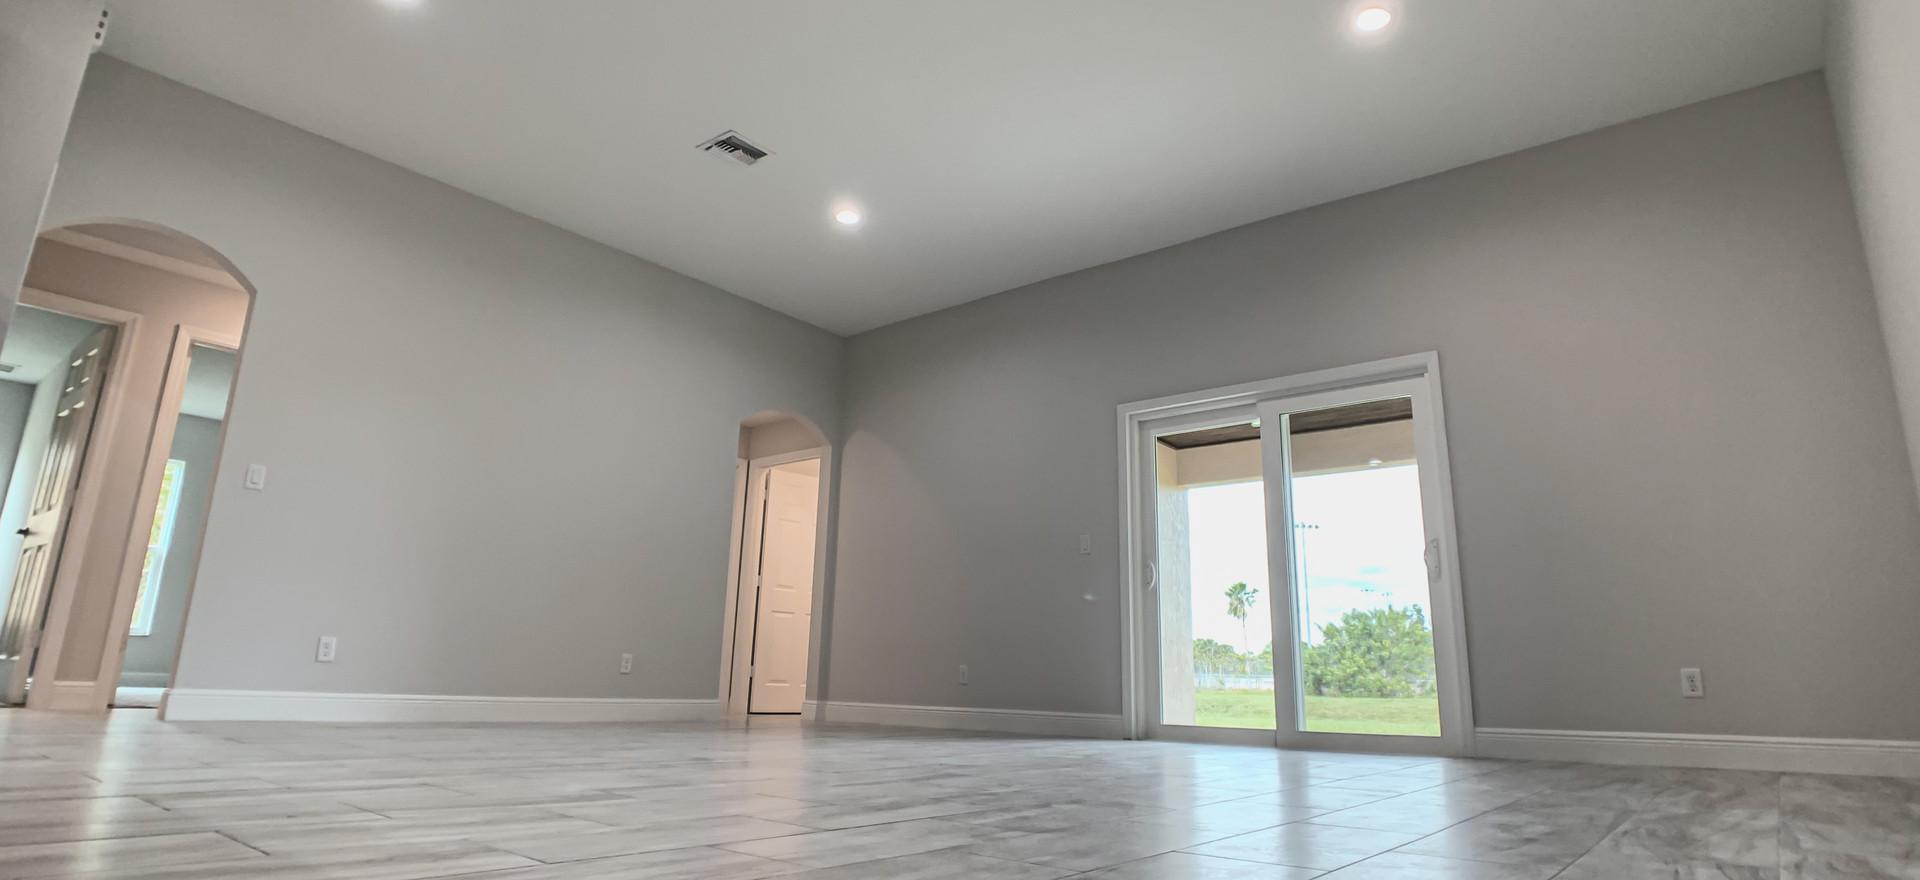 Crestview Floor Plan - Groza Builders